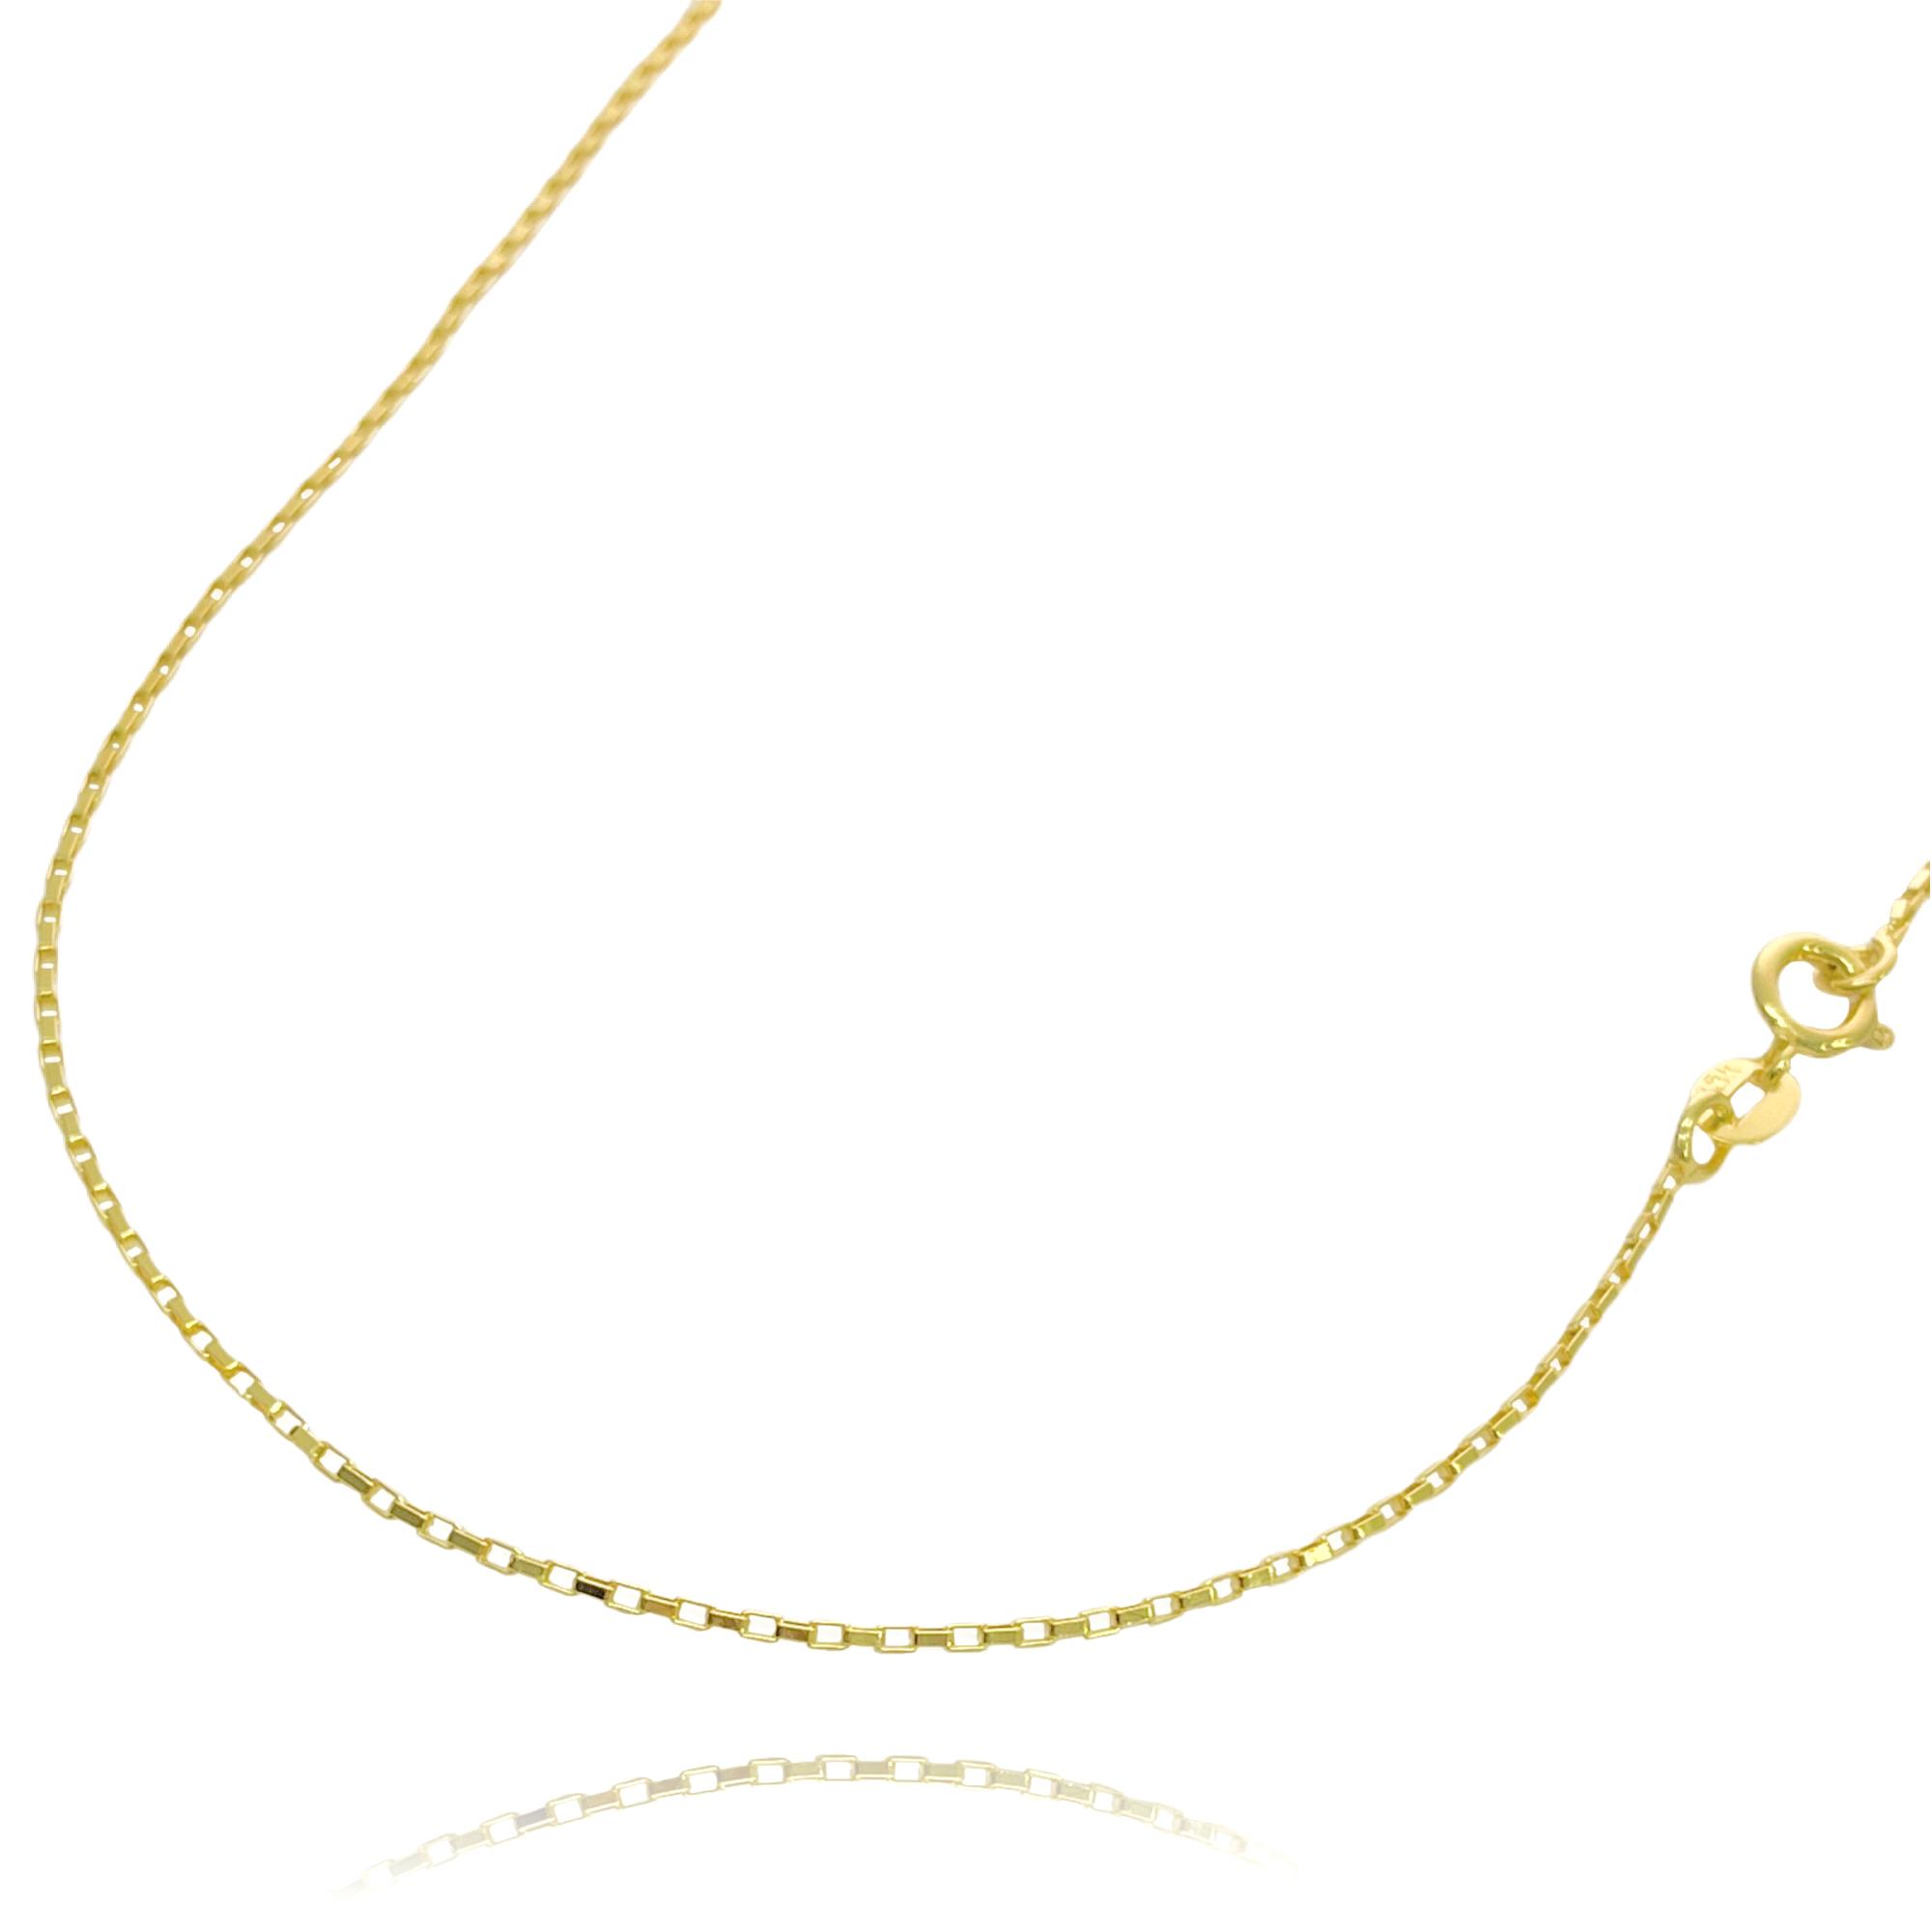 Corrente Cubinho 1,5mm 80cm (Fecho Tradicional) (Banho Ouro 24k)